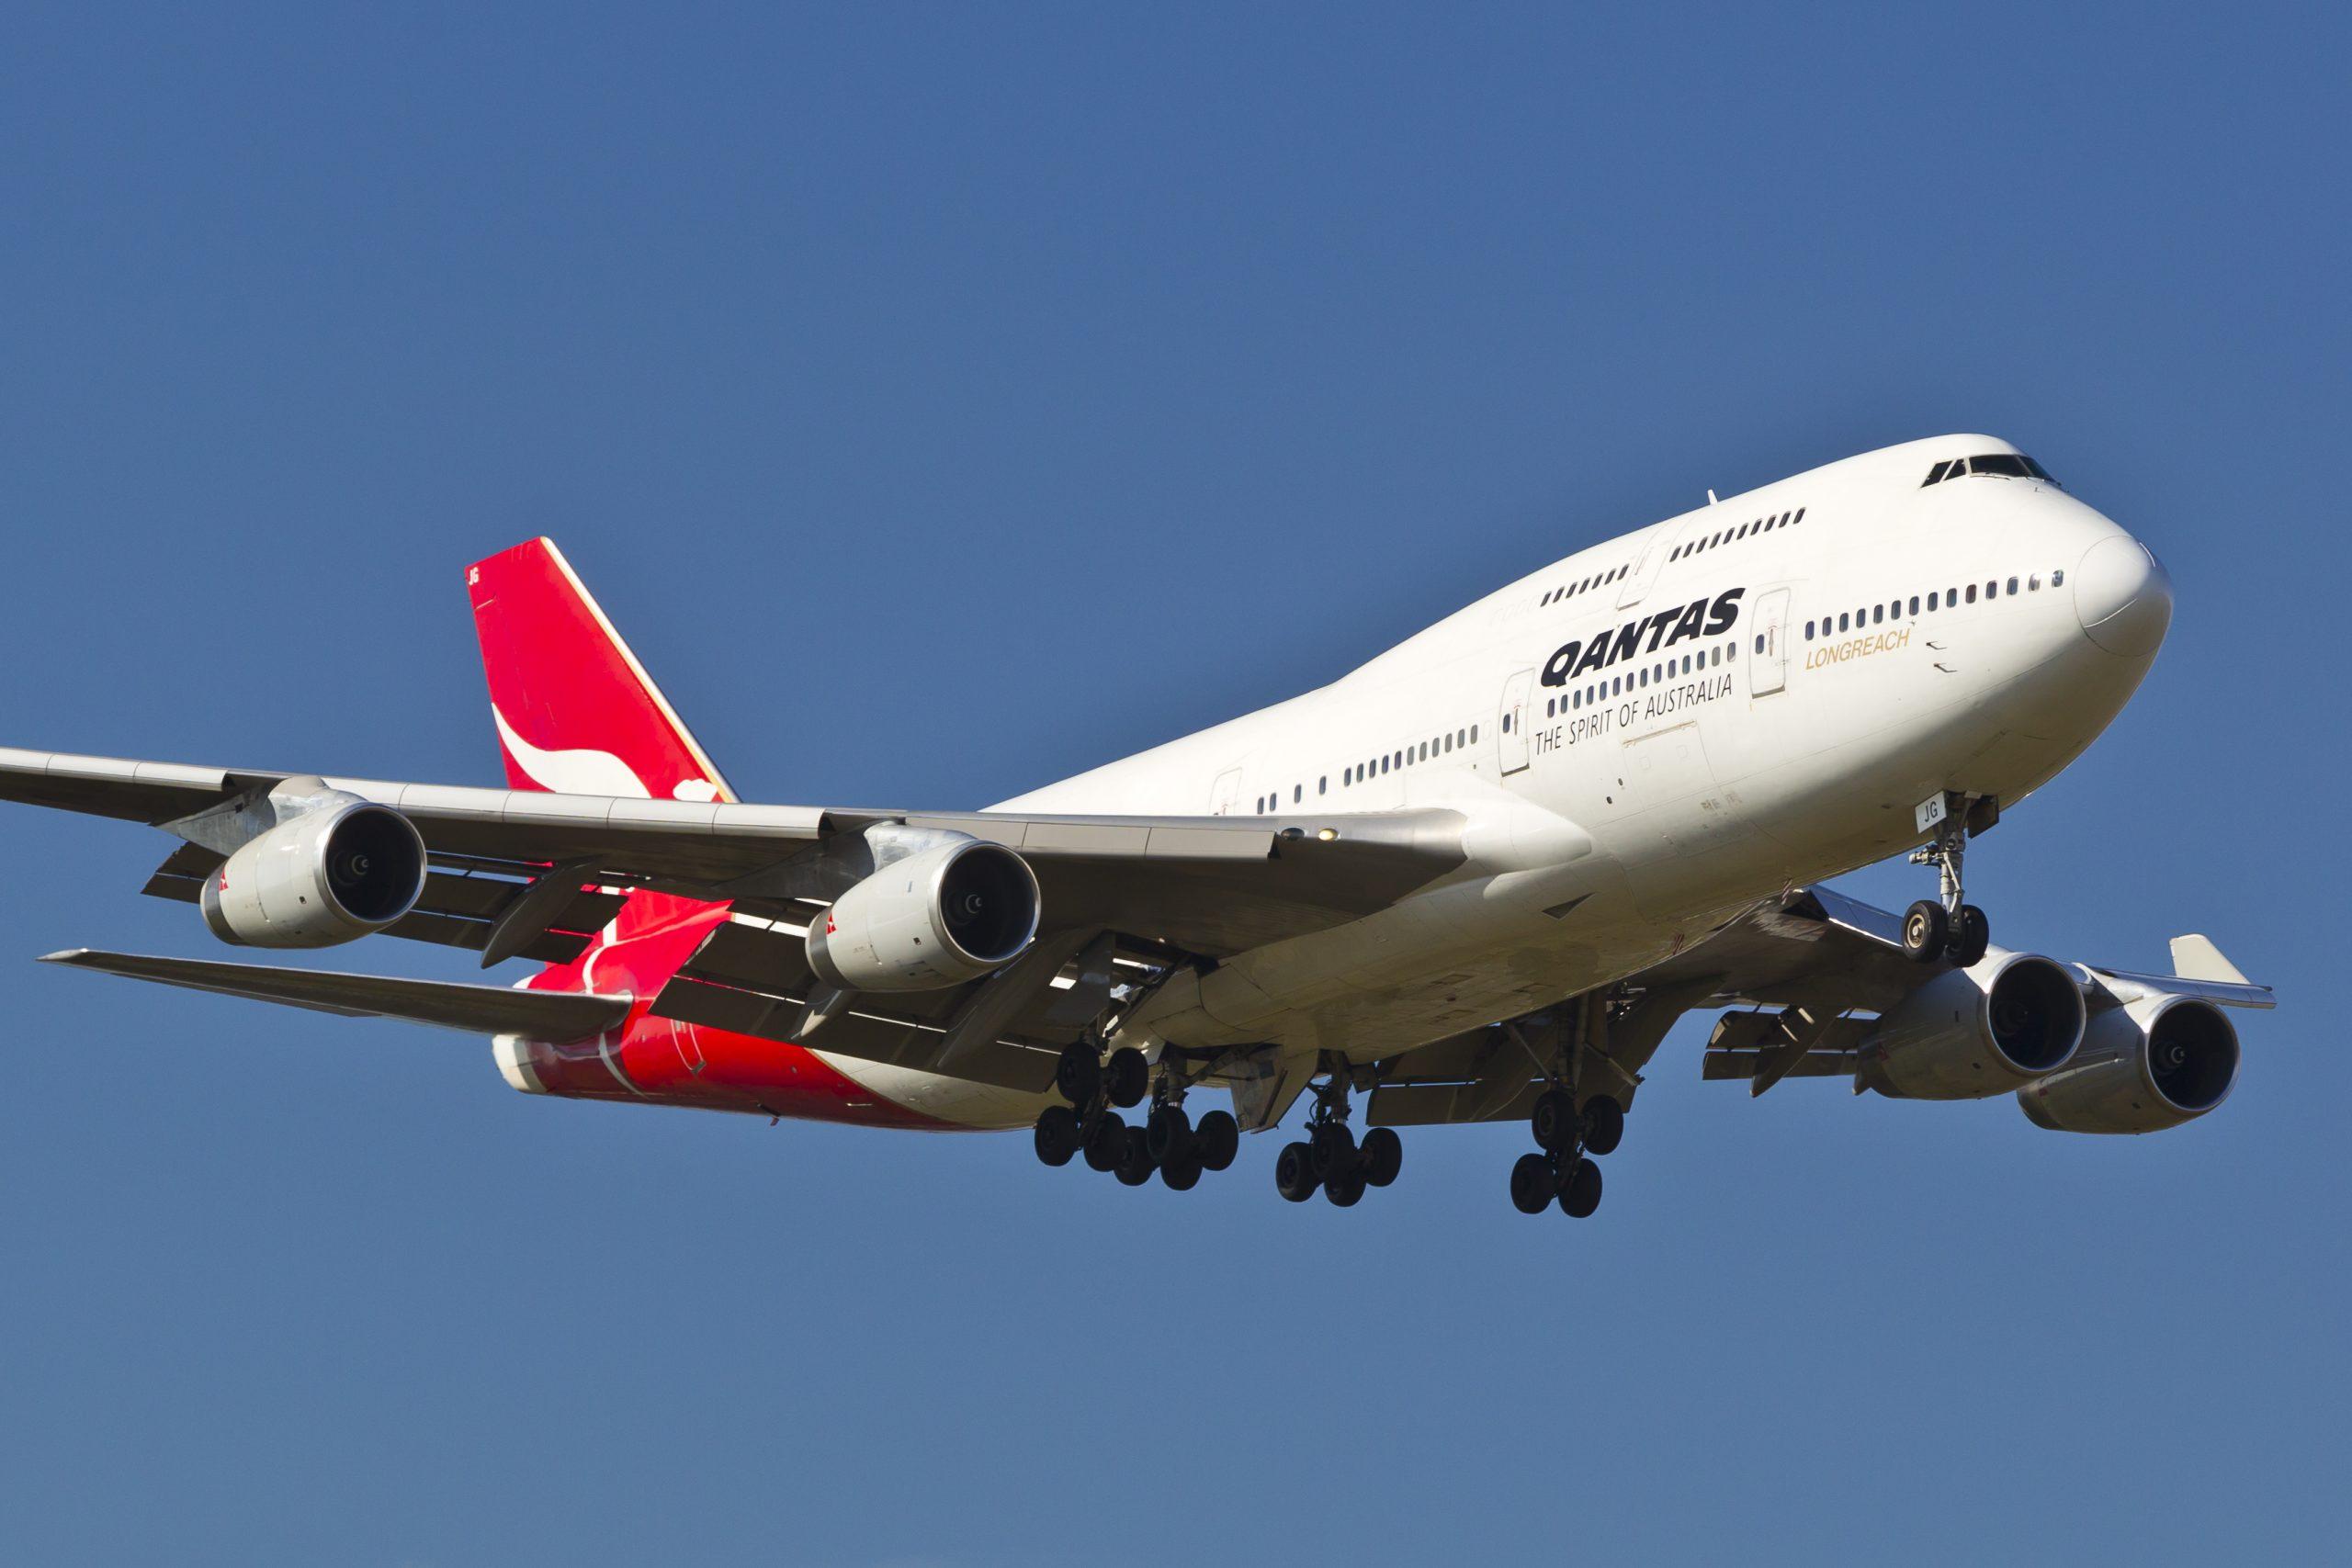 En Boeing 747-400 fra det australske flyselskab Qantas. Foto: © Thorbjørn Brunander Sund, Danish Aviation Photo